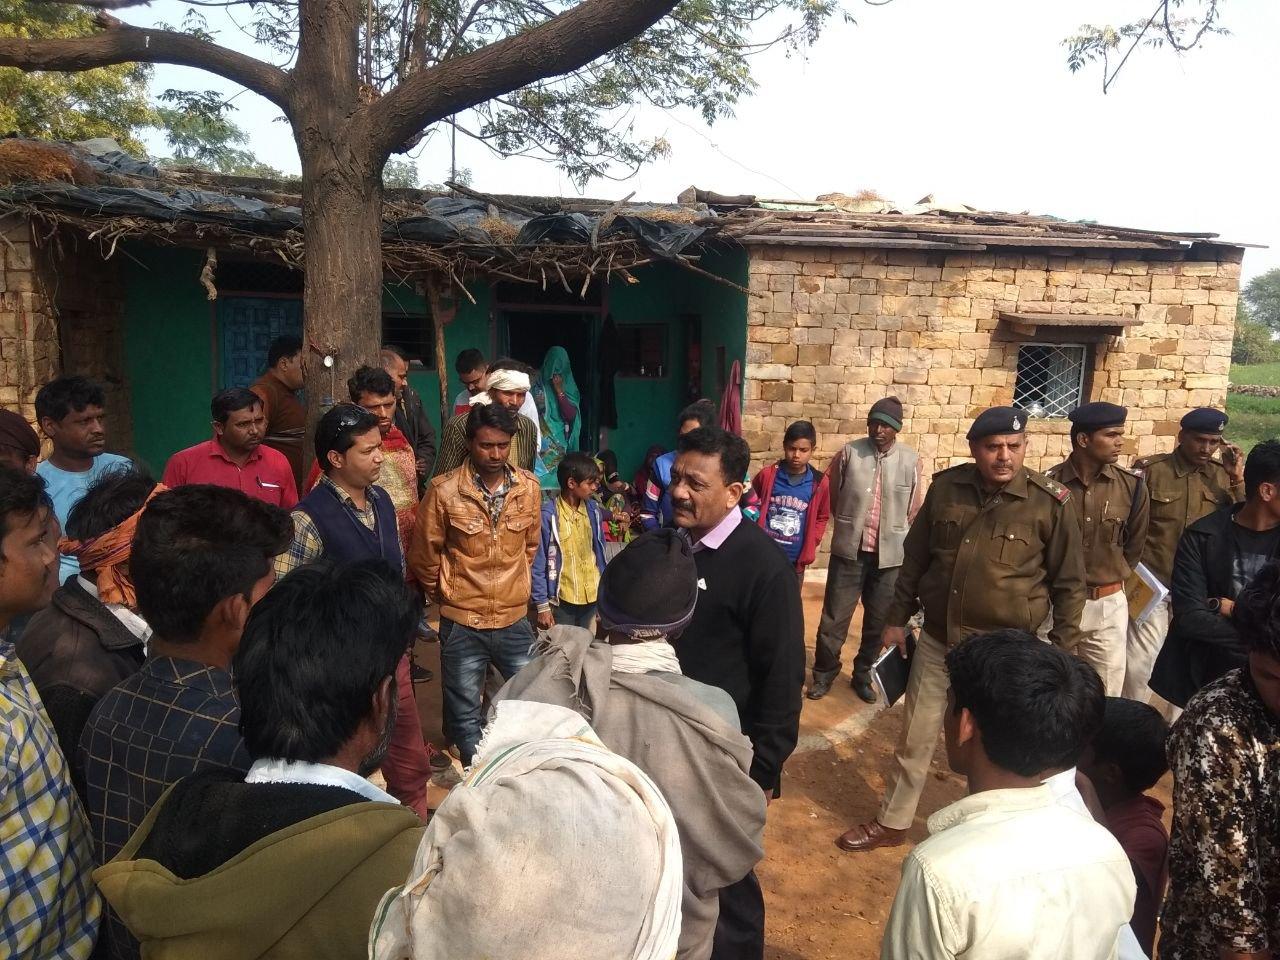 डकैतों से पीडि़त परिवार को 50 हजार रुपए की मदद, मिलेगा बंदूक का लाइसेंस